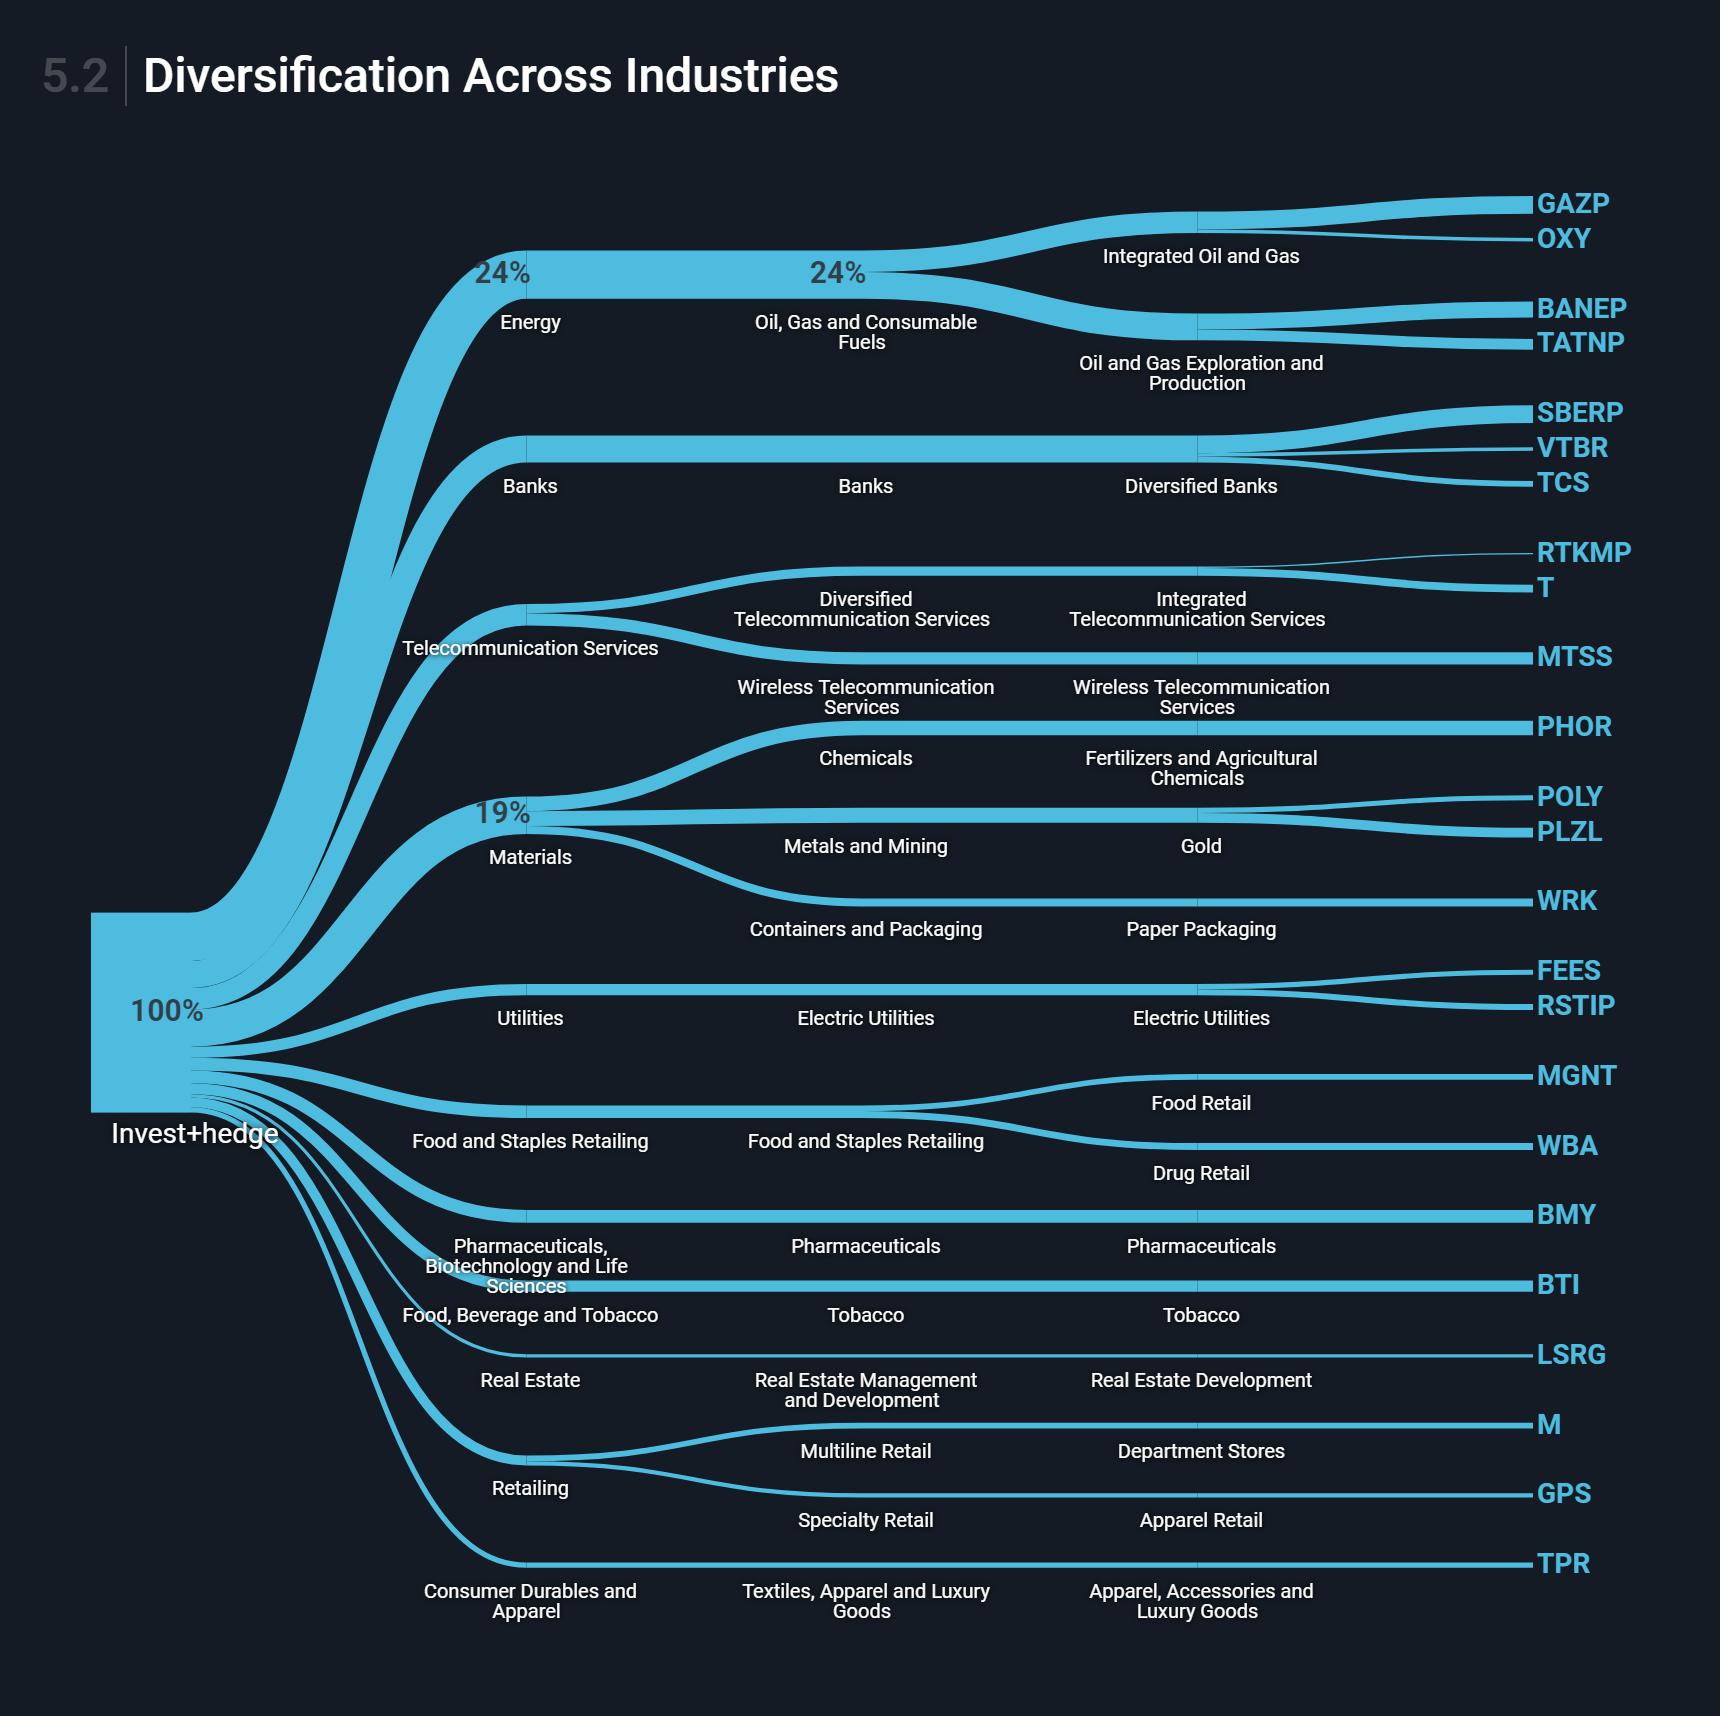 Диверсификация по секторам и отраслям. Сектор энергетики занимает большую долю, так как он преобладает среди российских акций, накоторые я сейчас делаю упор